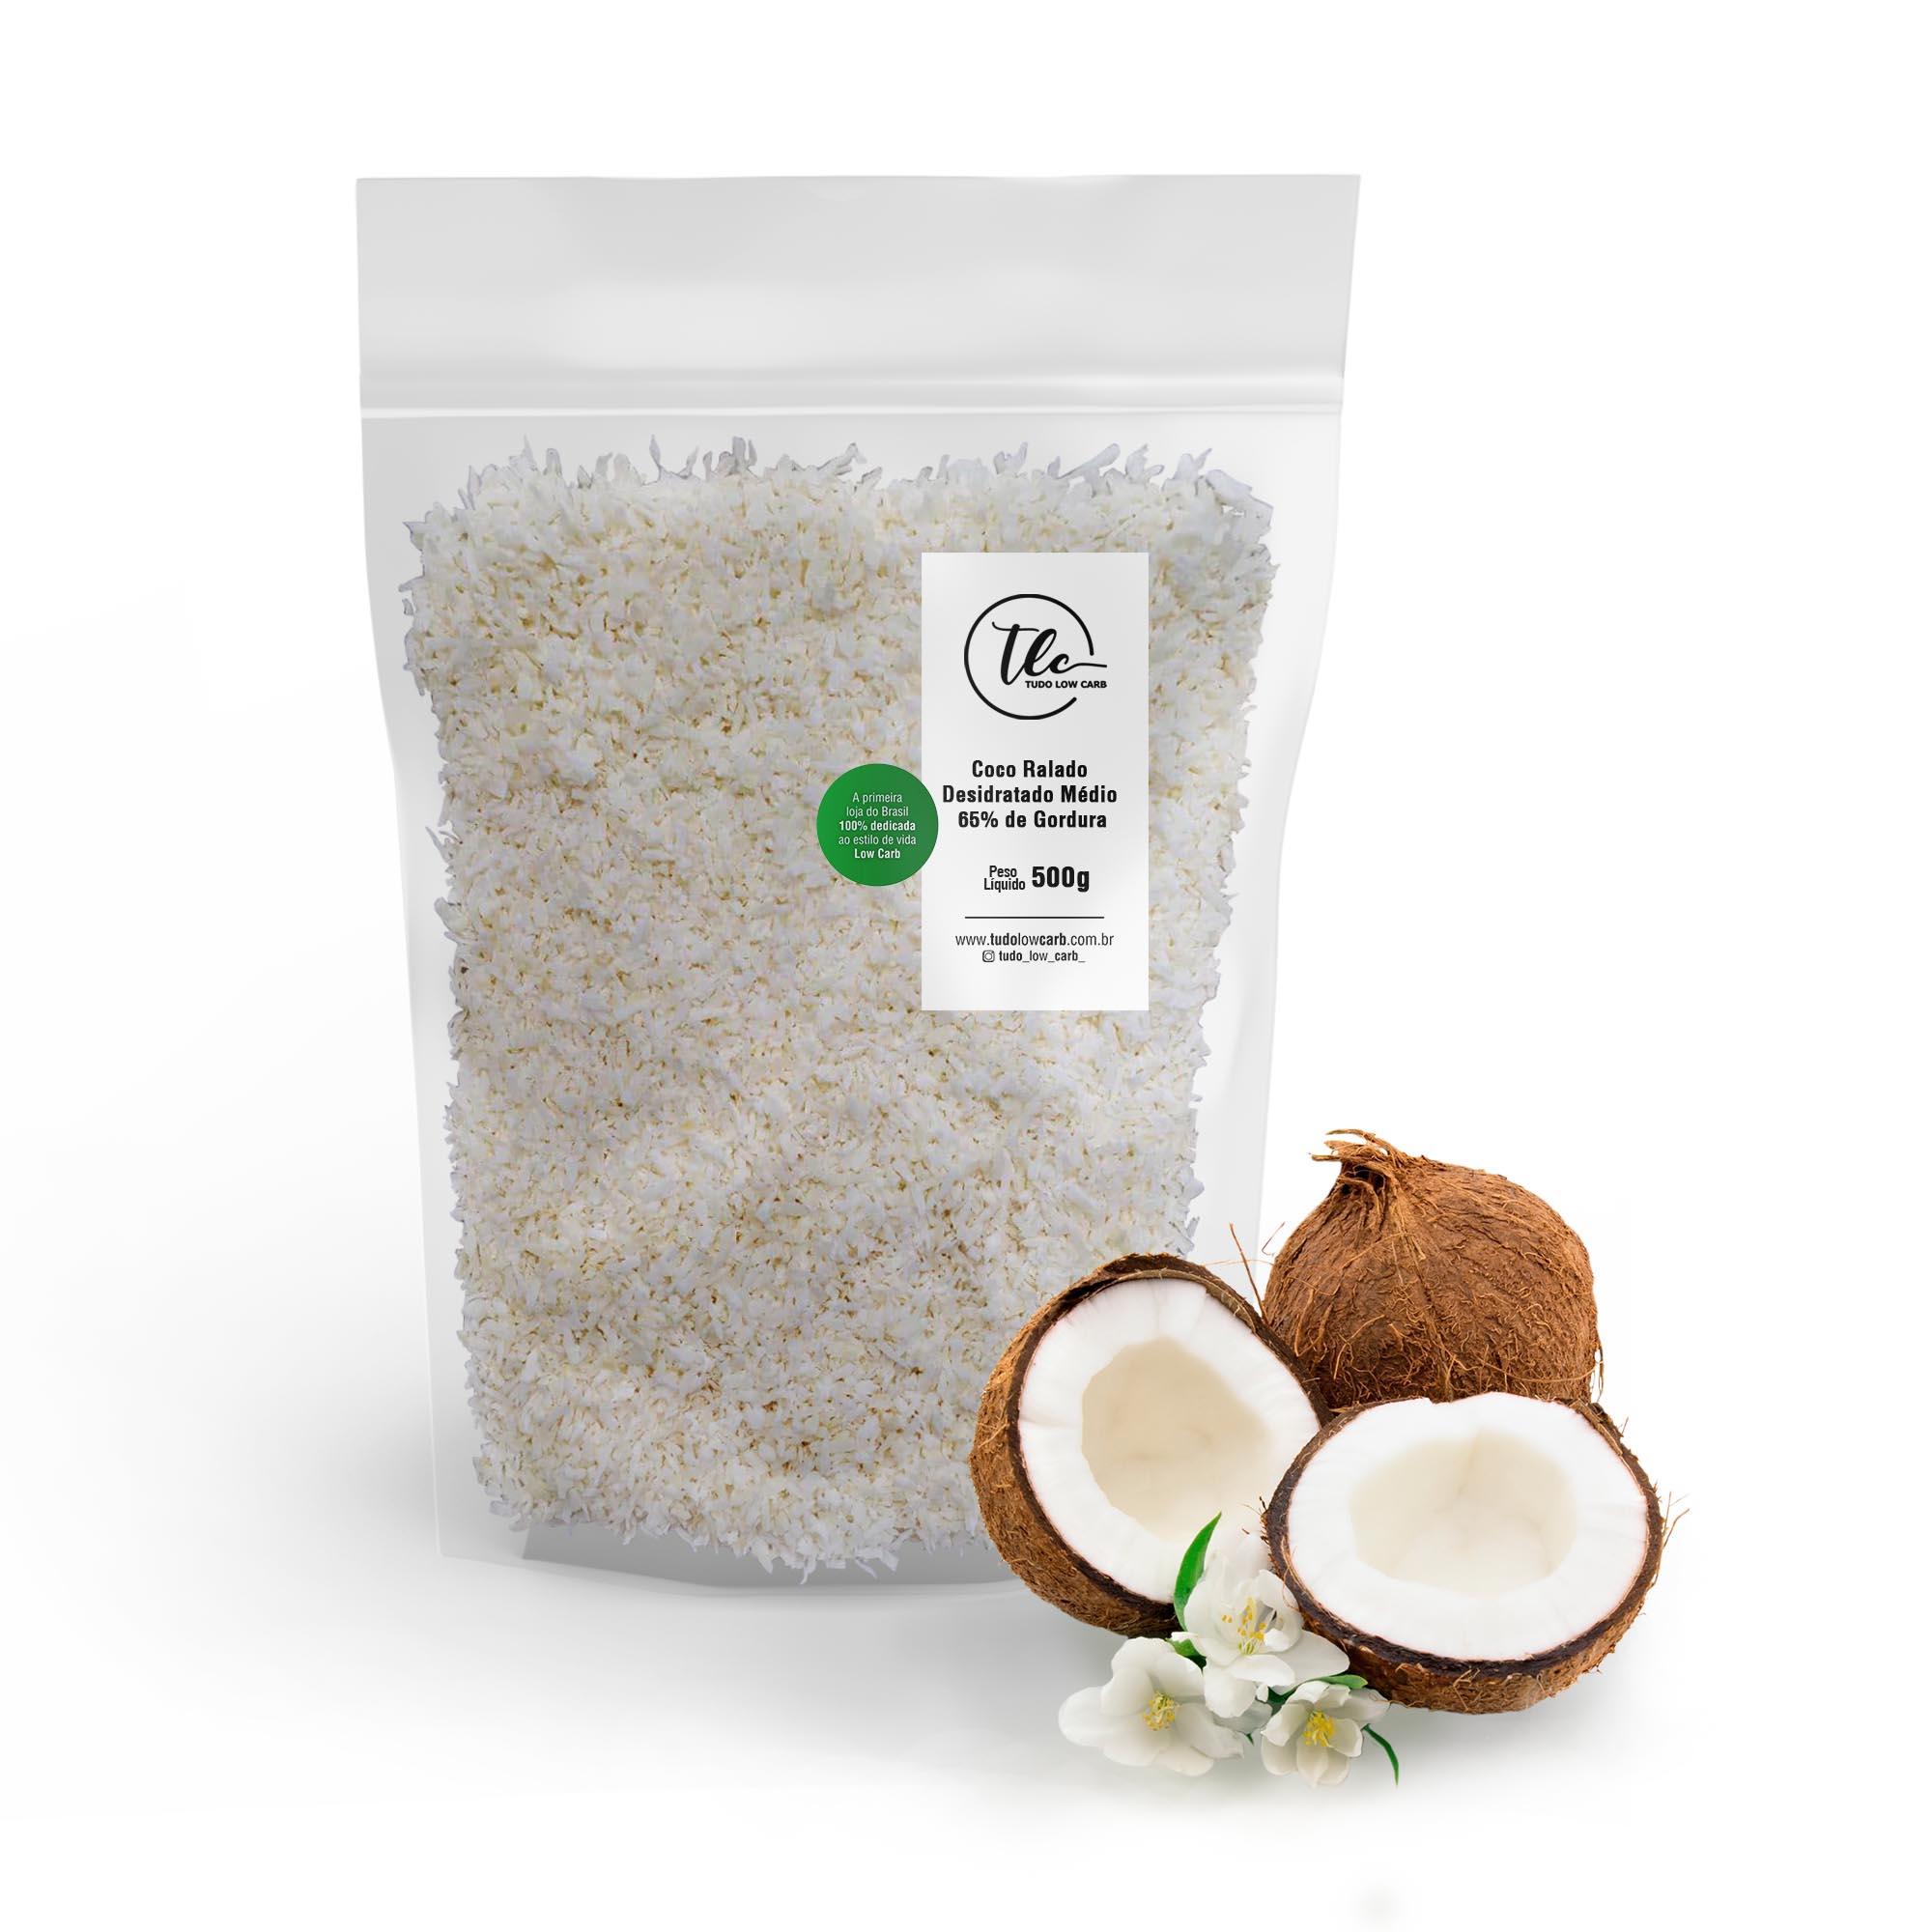 Coco Ralado Desidratado Médio 65% Gordura (sem açucar) 500g  - TLC Tudo Low Carb